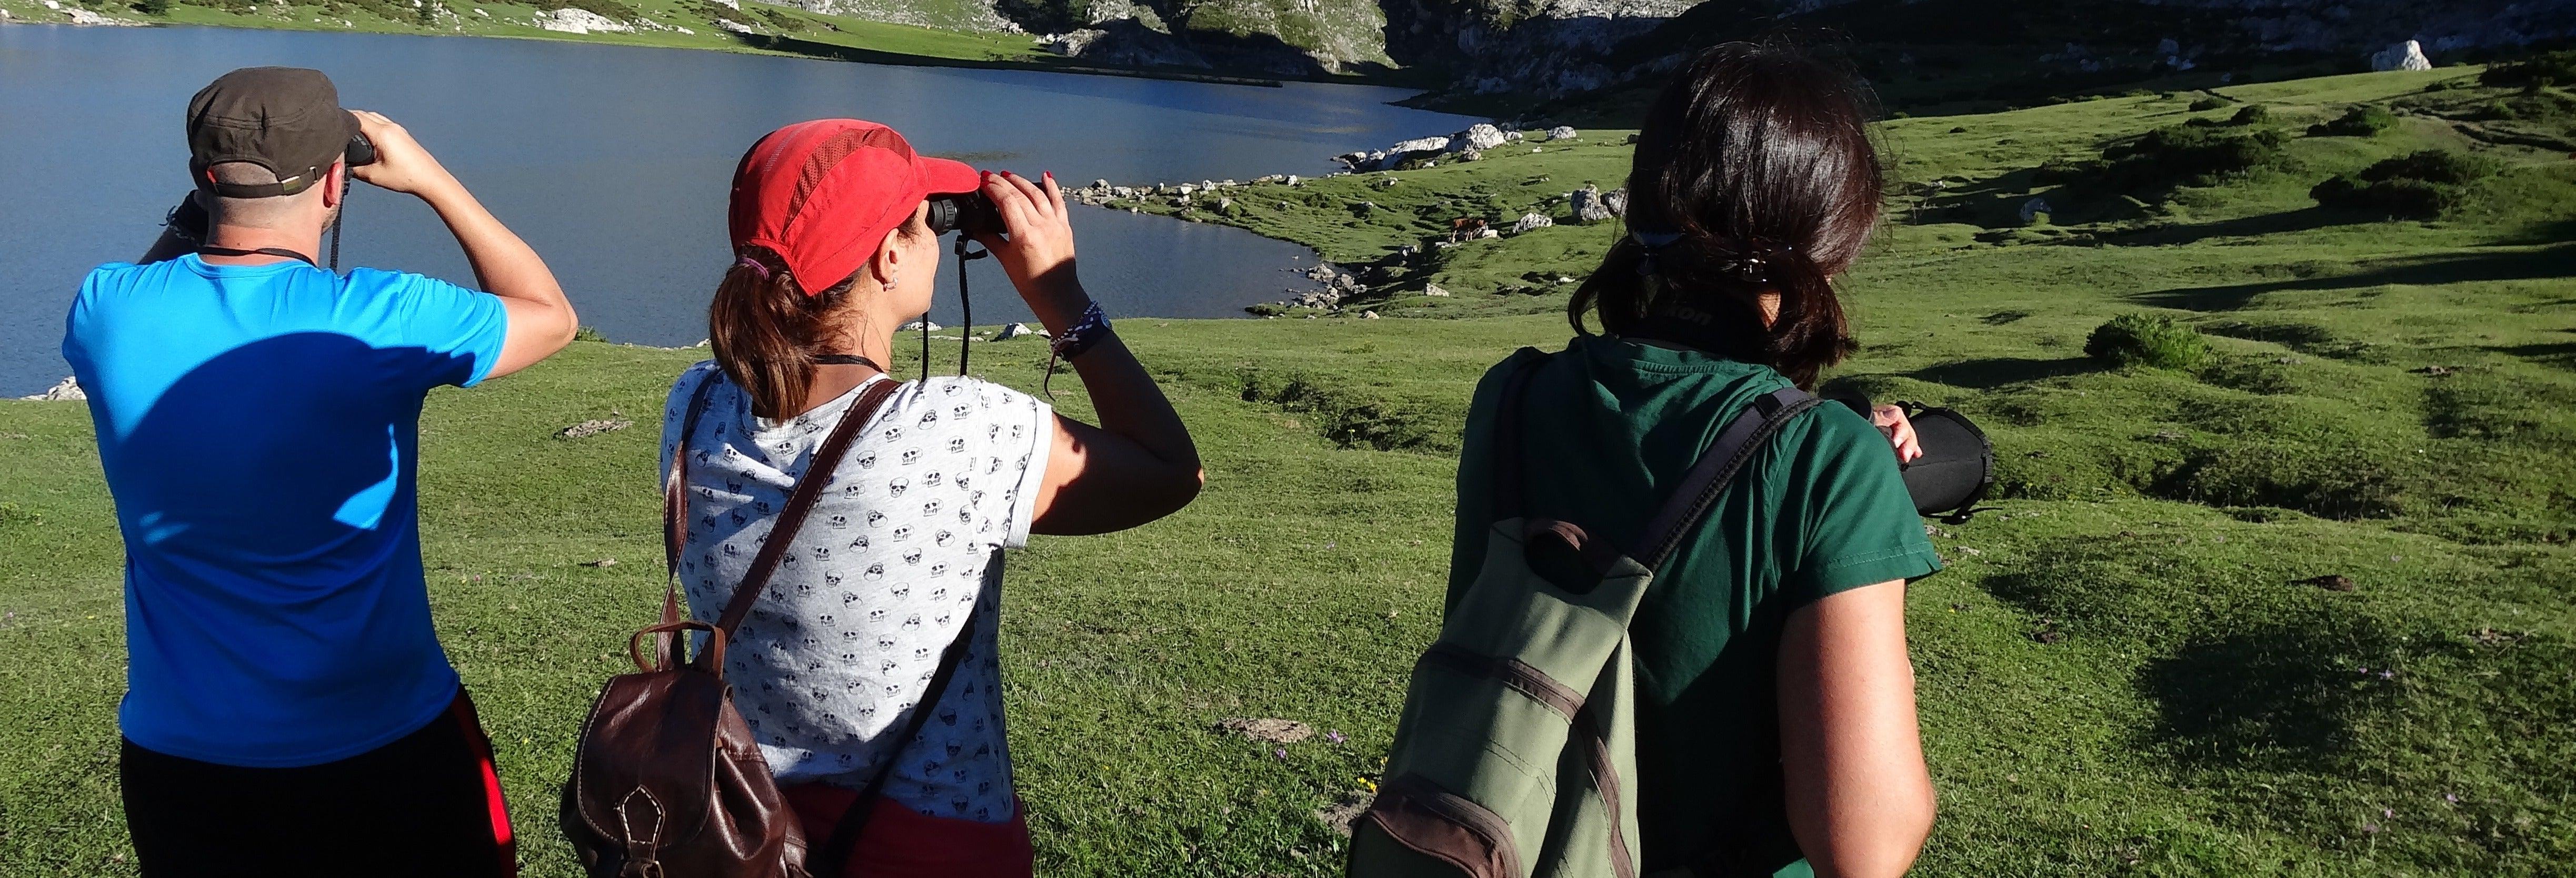 Excursión a los lagos de Covadonga